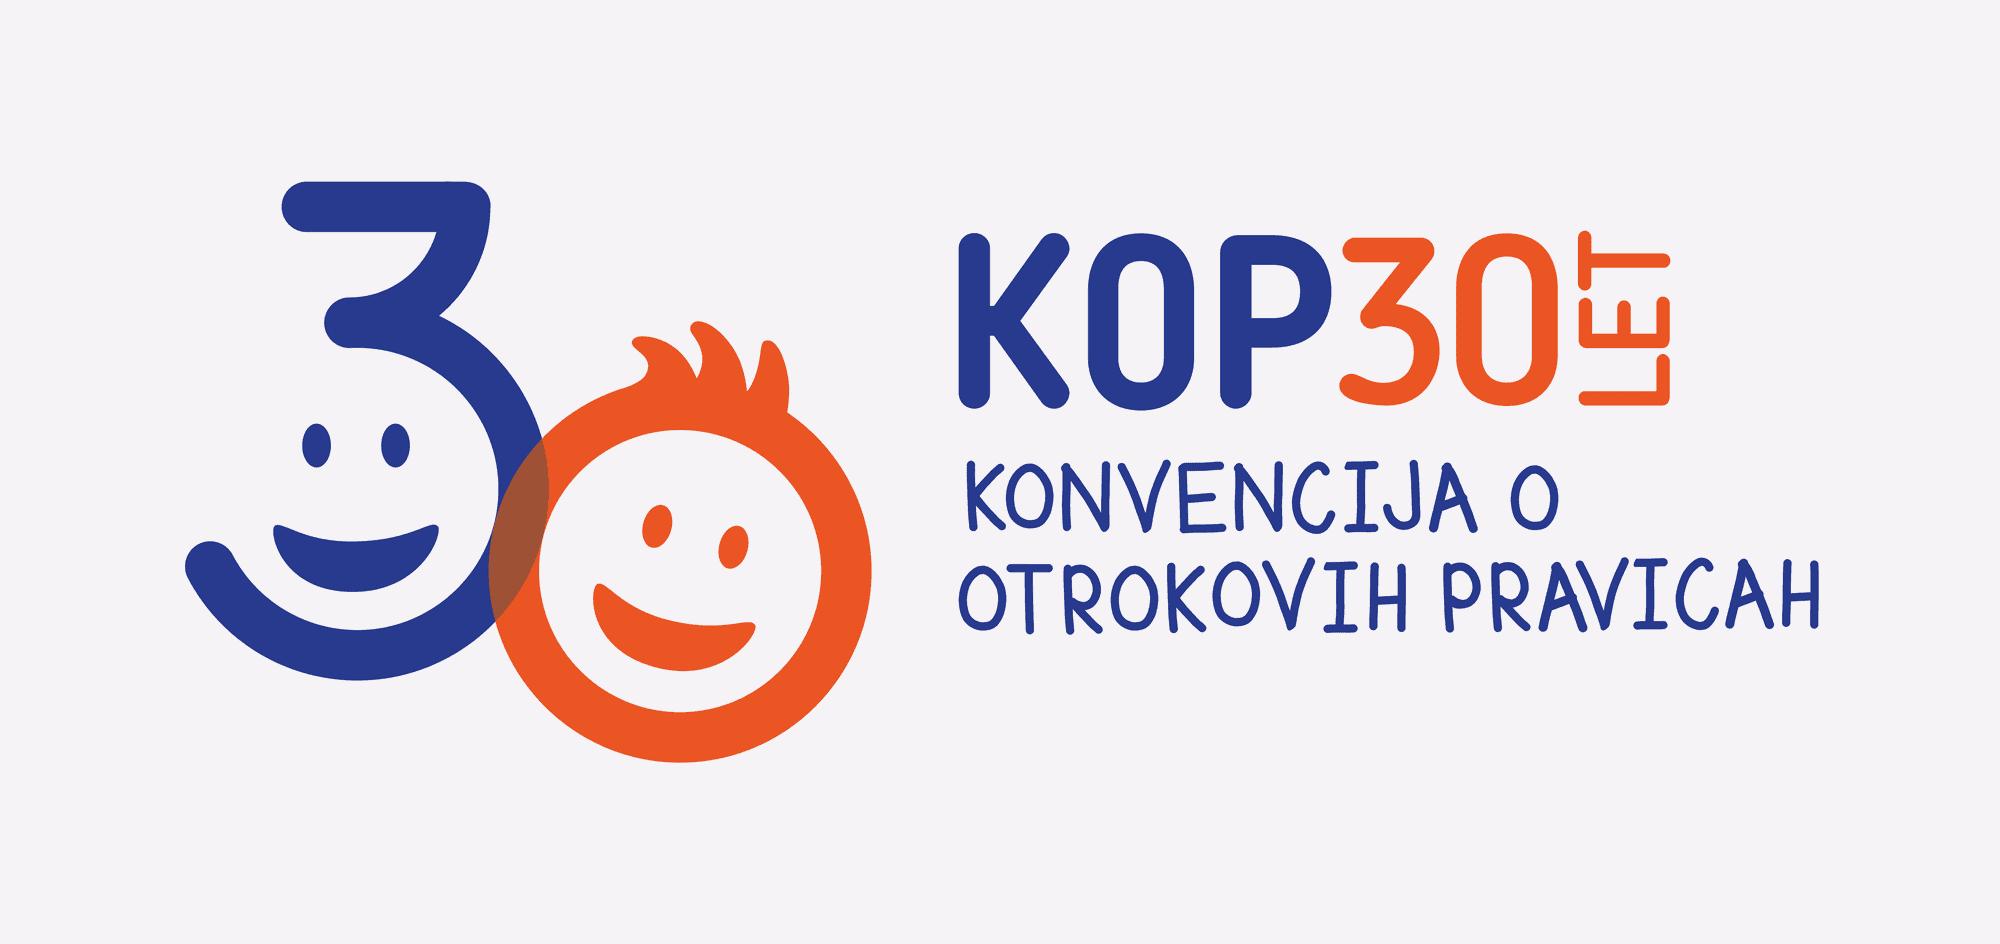 30 let konvencije o otrokovih pravicah